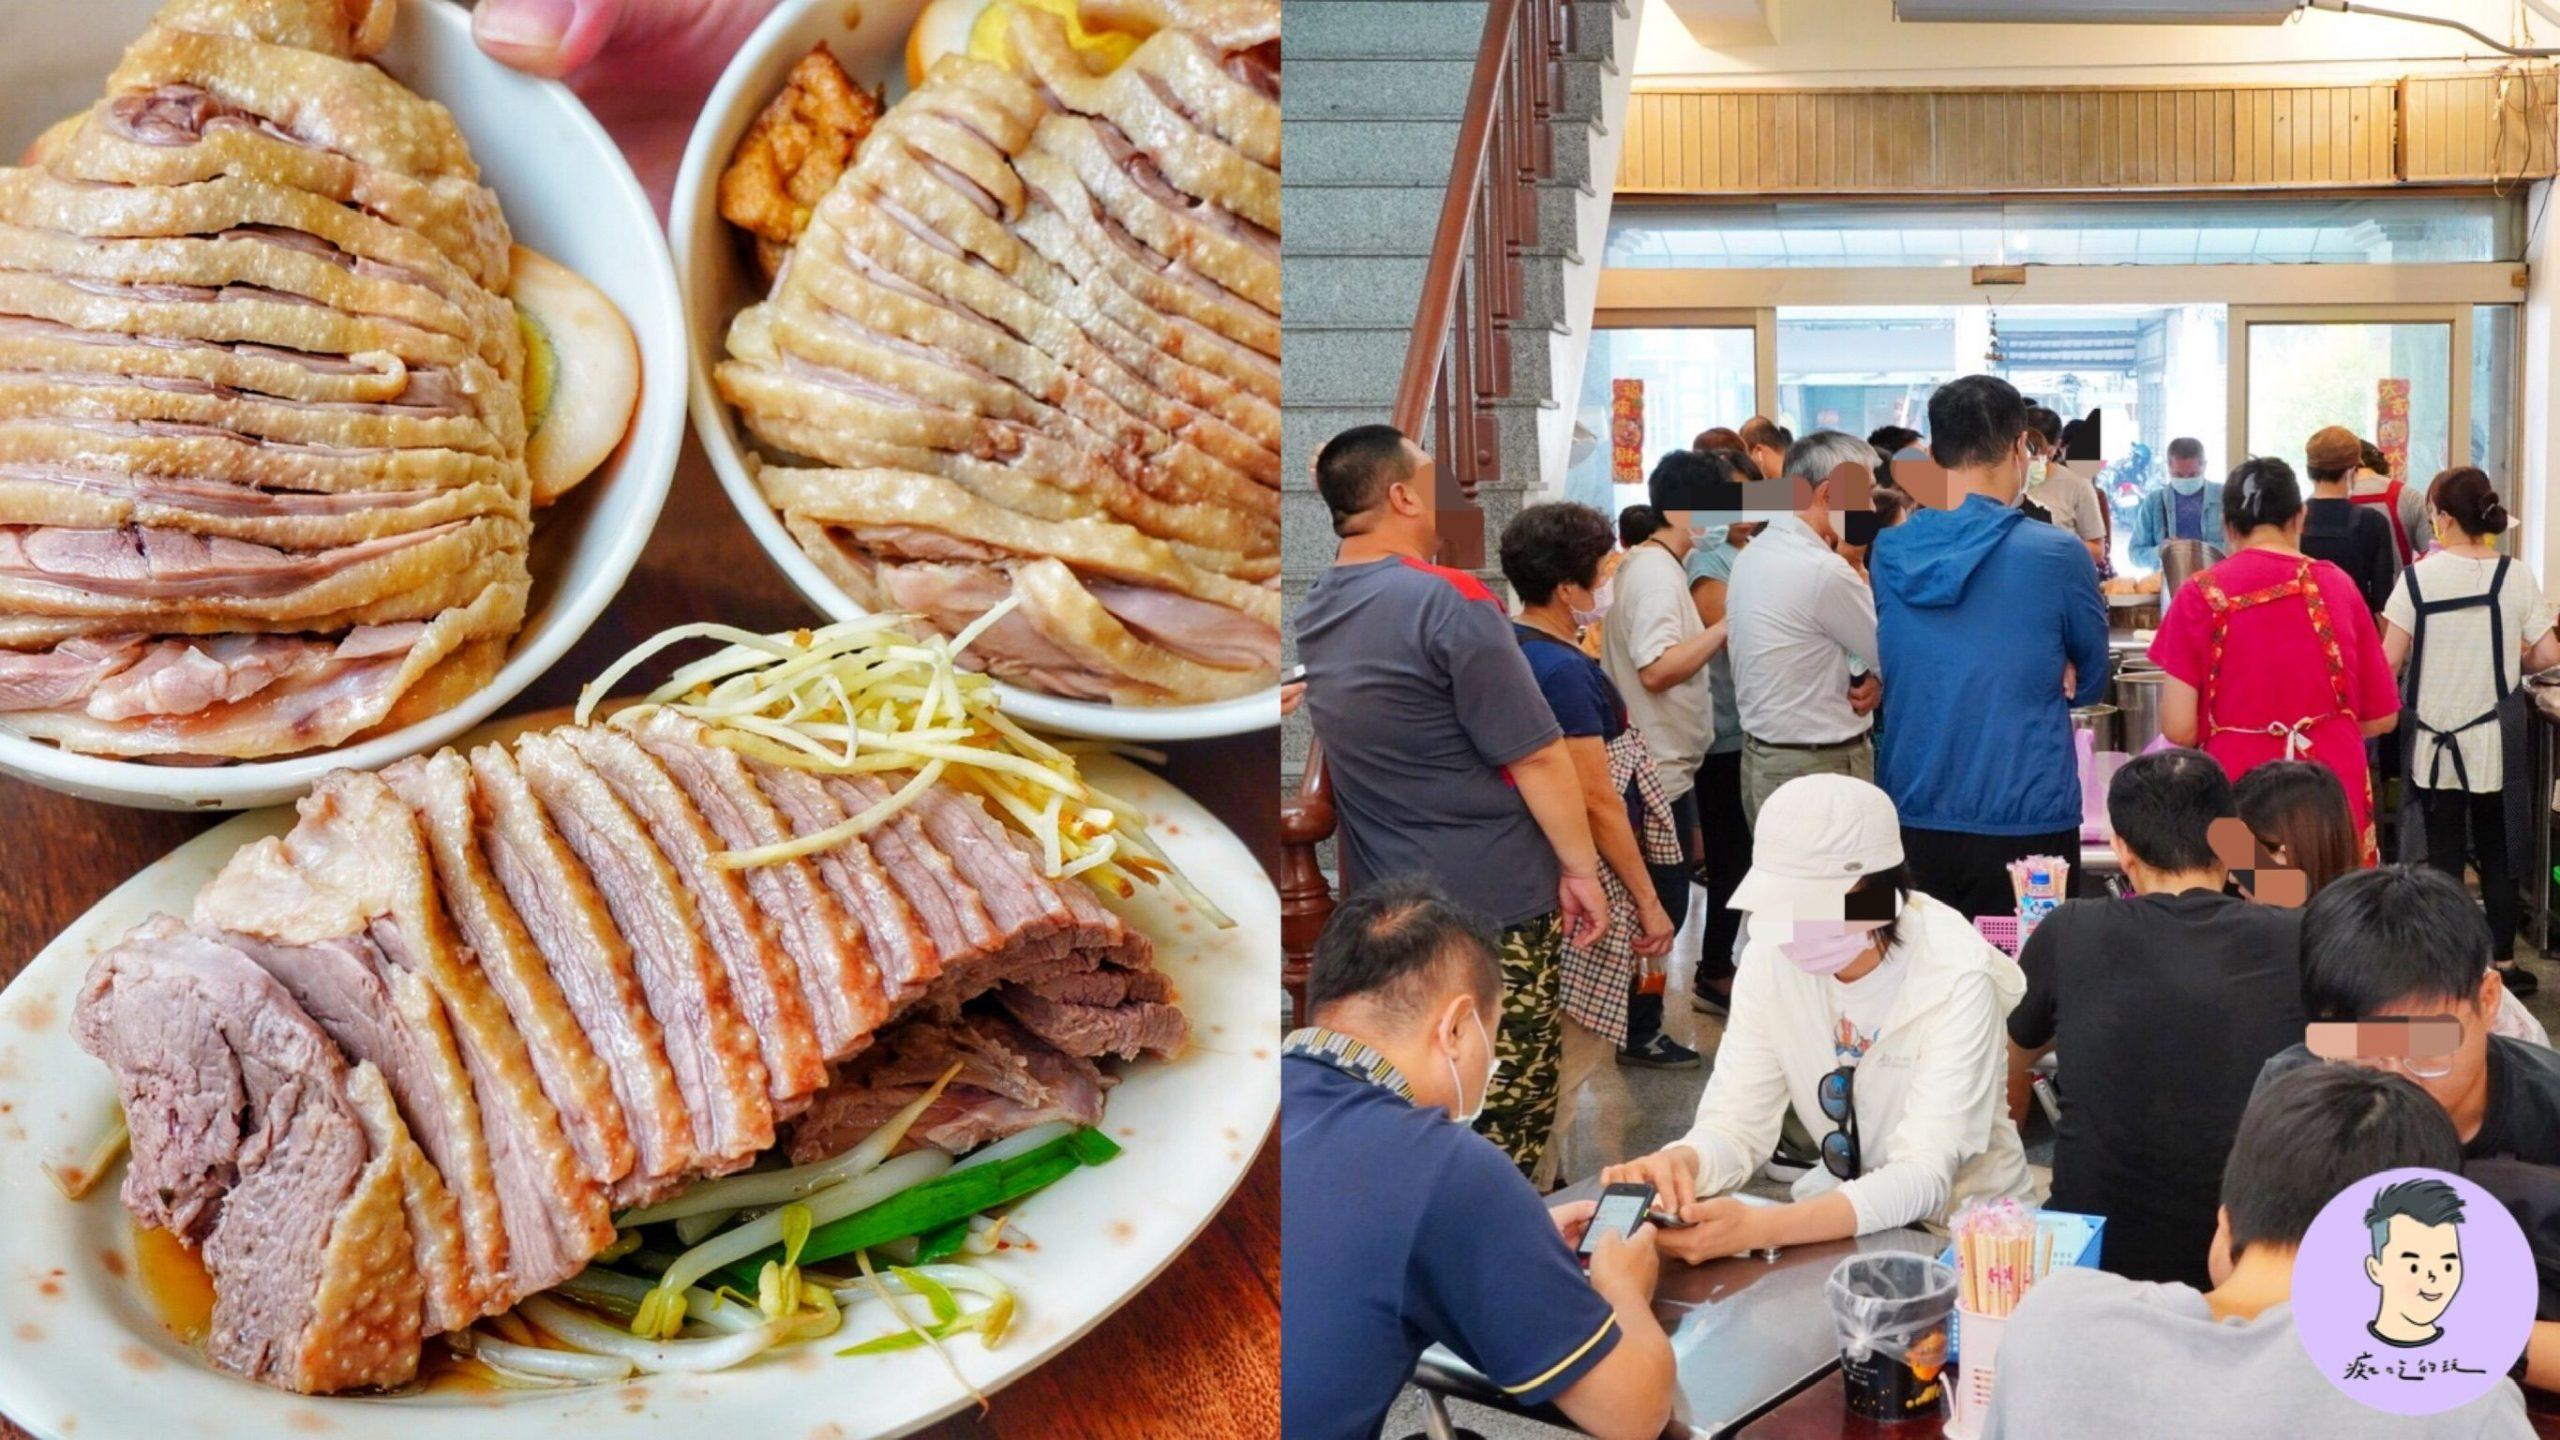 【台南美食】台南最強鴨肉飯!不到半小時就賣完的限量鴨腿飯!剛開店就大排長龍生意超狂 – 鳳姐鴨肉飯|中西區美食